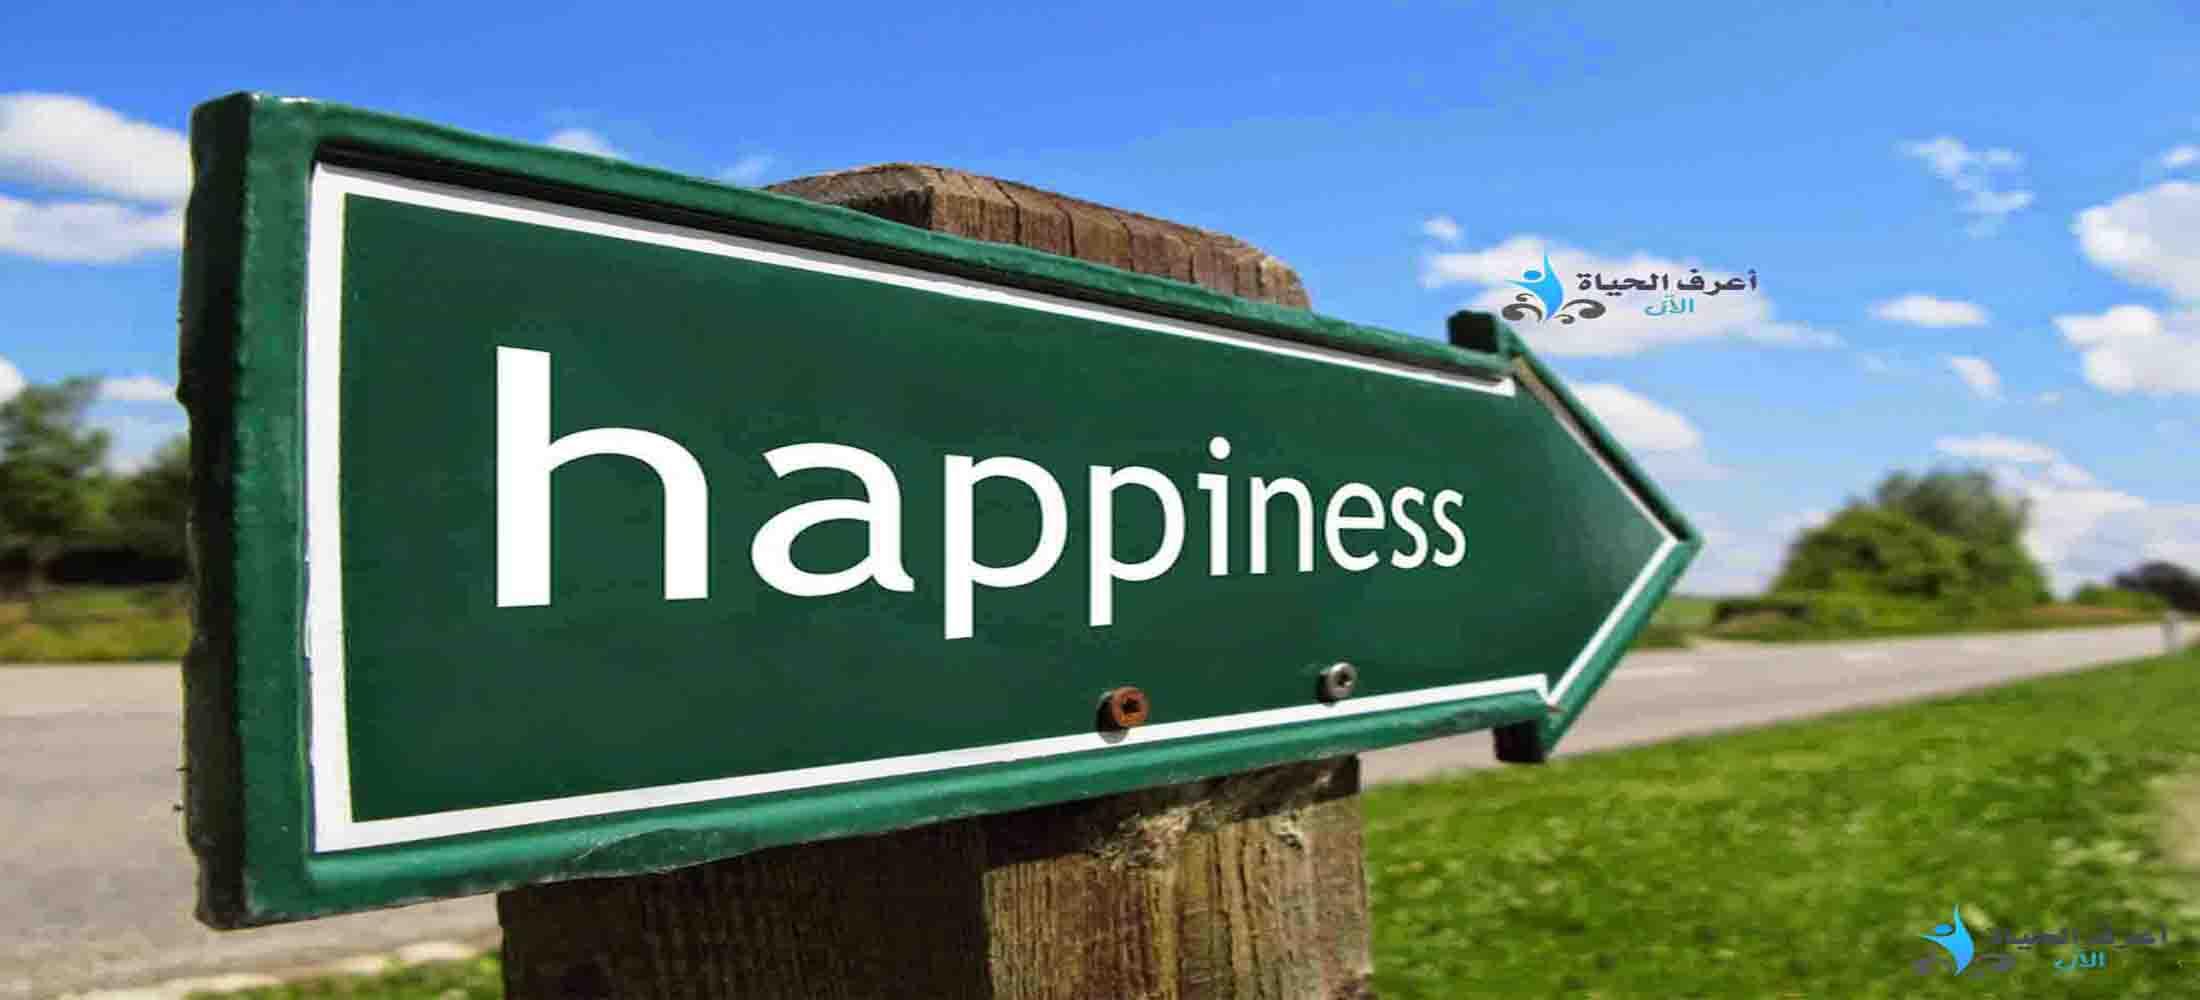 بالصور كيفية تحقيق السعادة بكل سهوله 20160717 2307